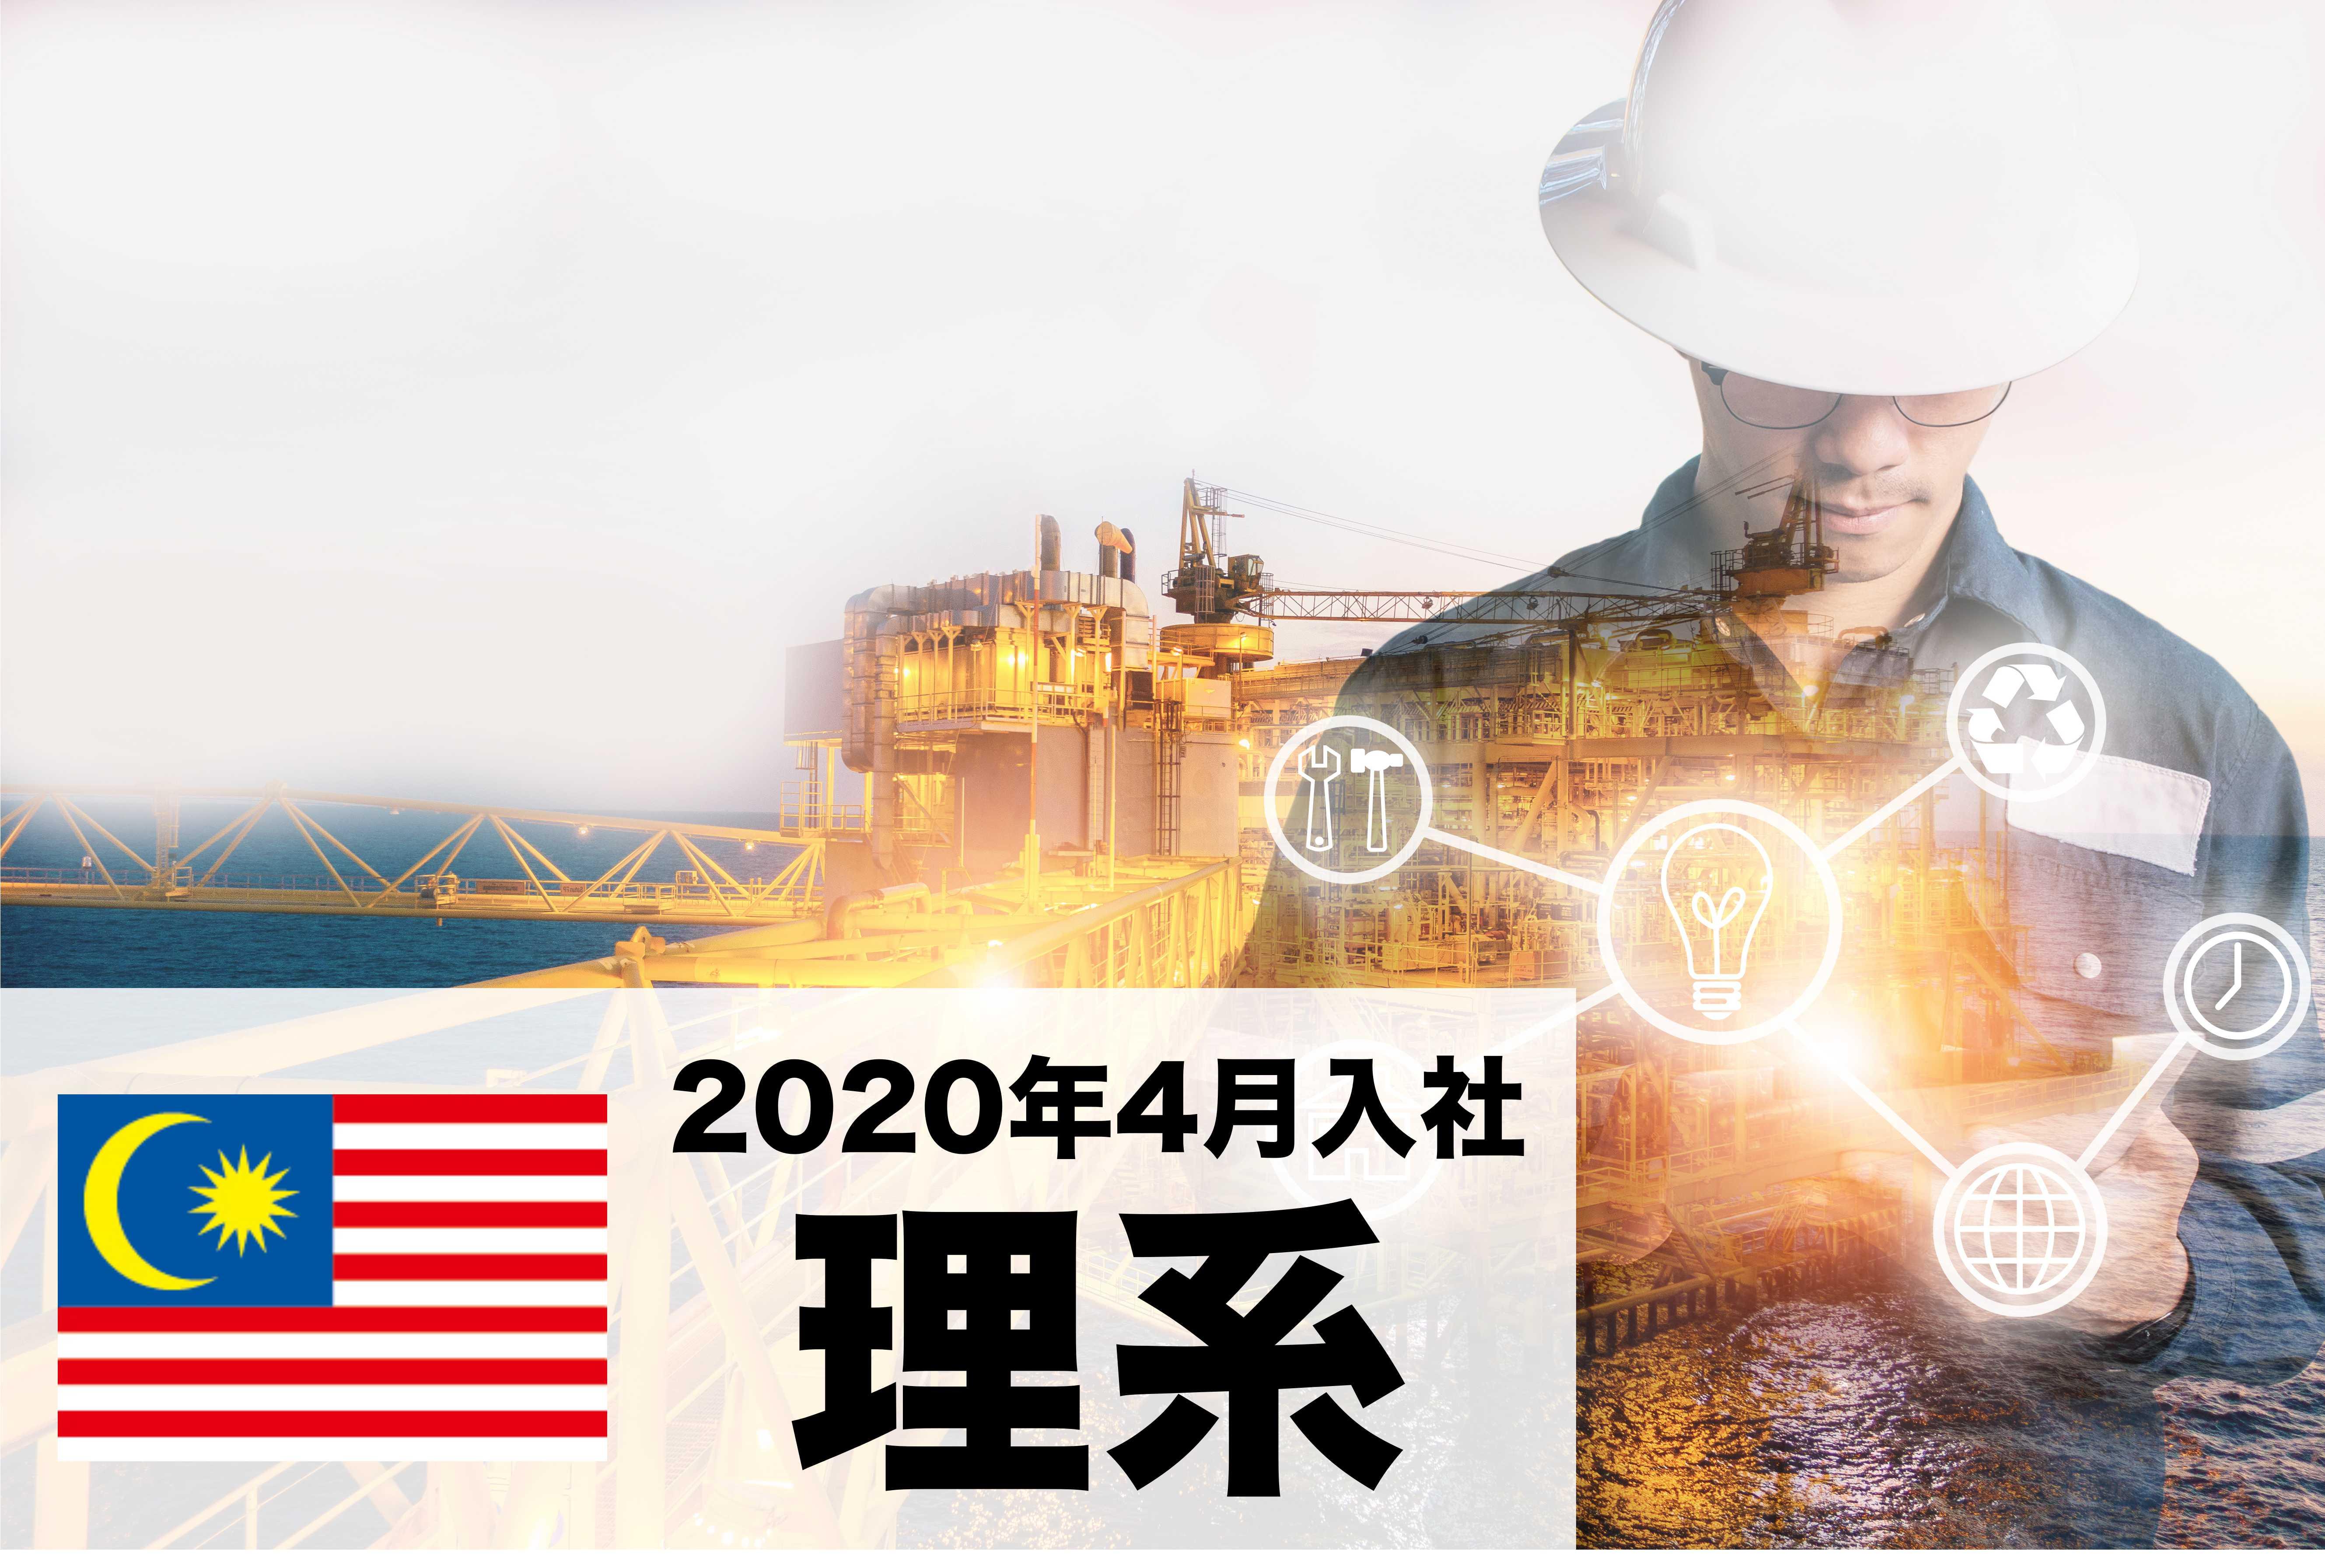 【マレー語x中国語】2020年4月入社  / 国内大手電機メーカー企業の環境事業で技術者を募集!